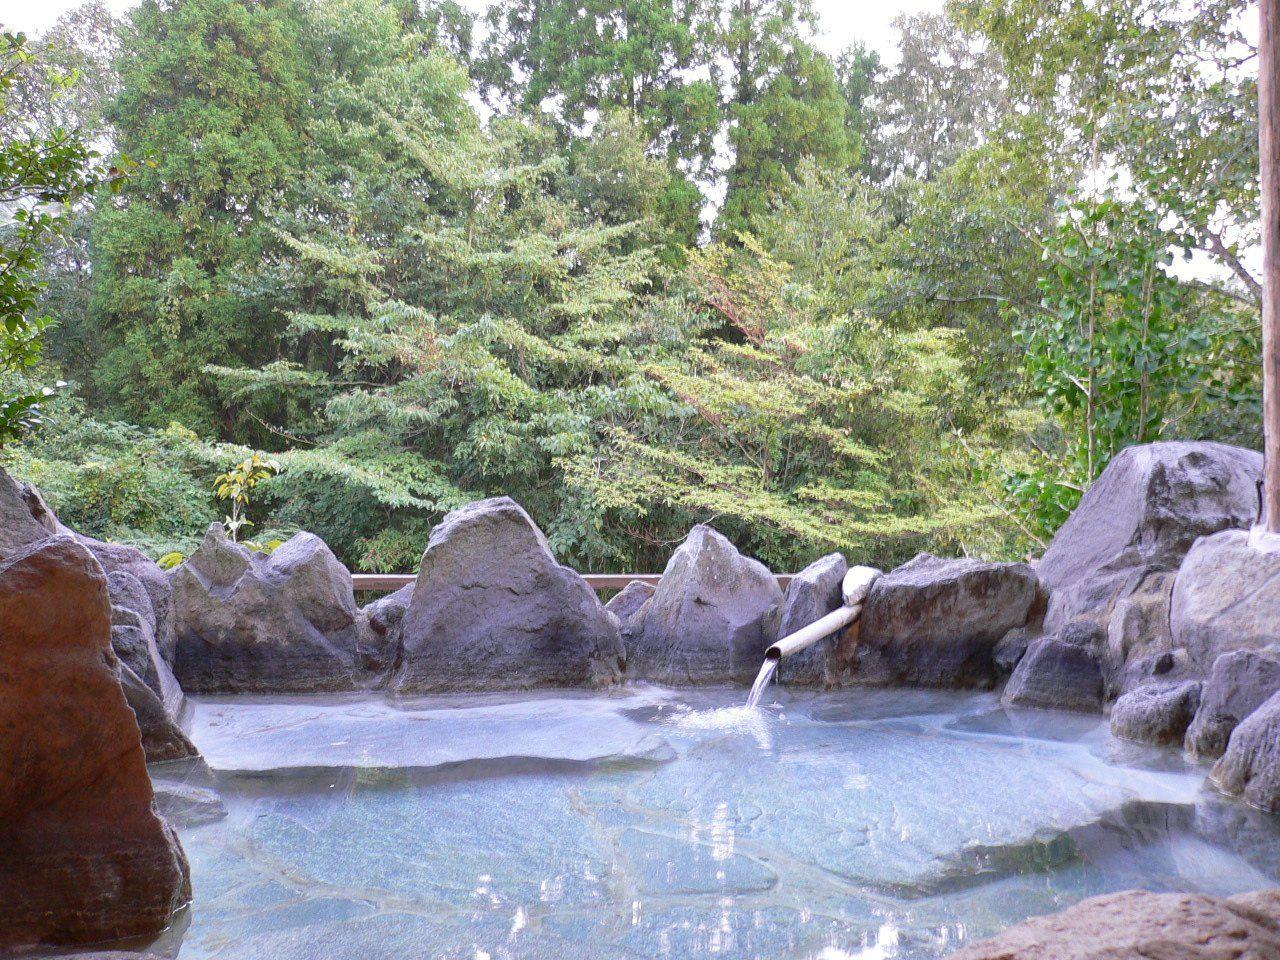 大垣の温泉・銭湯のおすすめは?営業時間やアクセス方法まとめ!